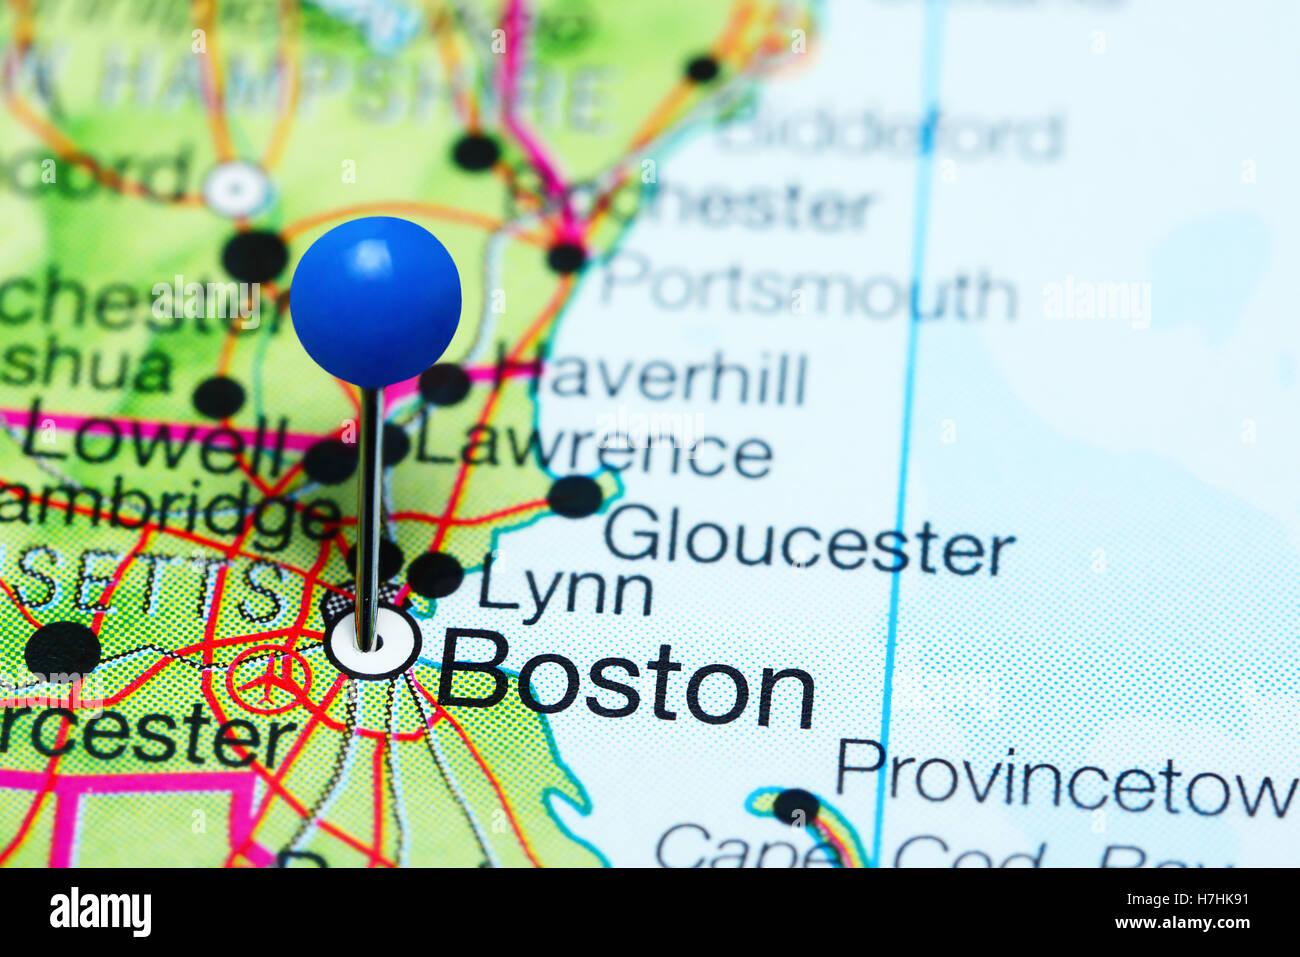 Boston On Usa Map.Boston Pinned On A Map Of Massachusetts Usa Stock Photo 125163501